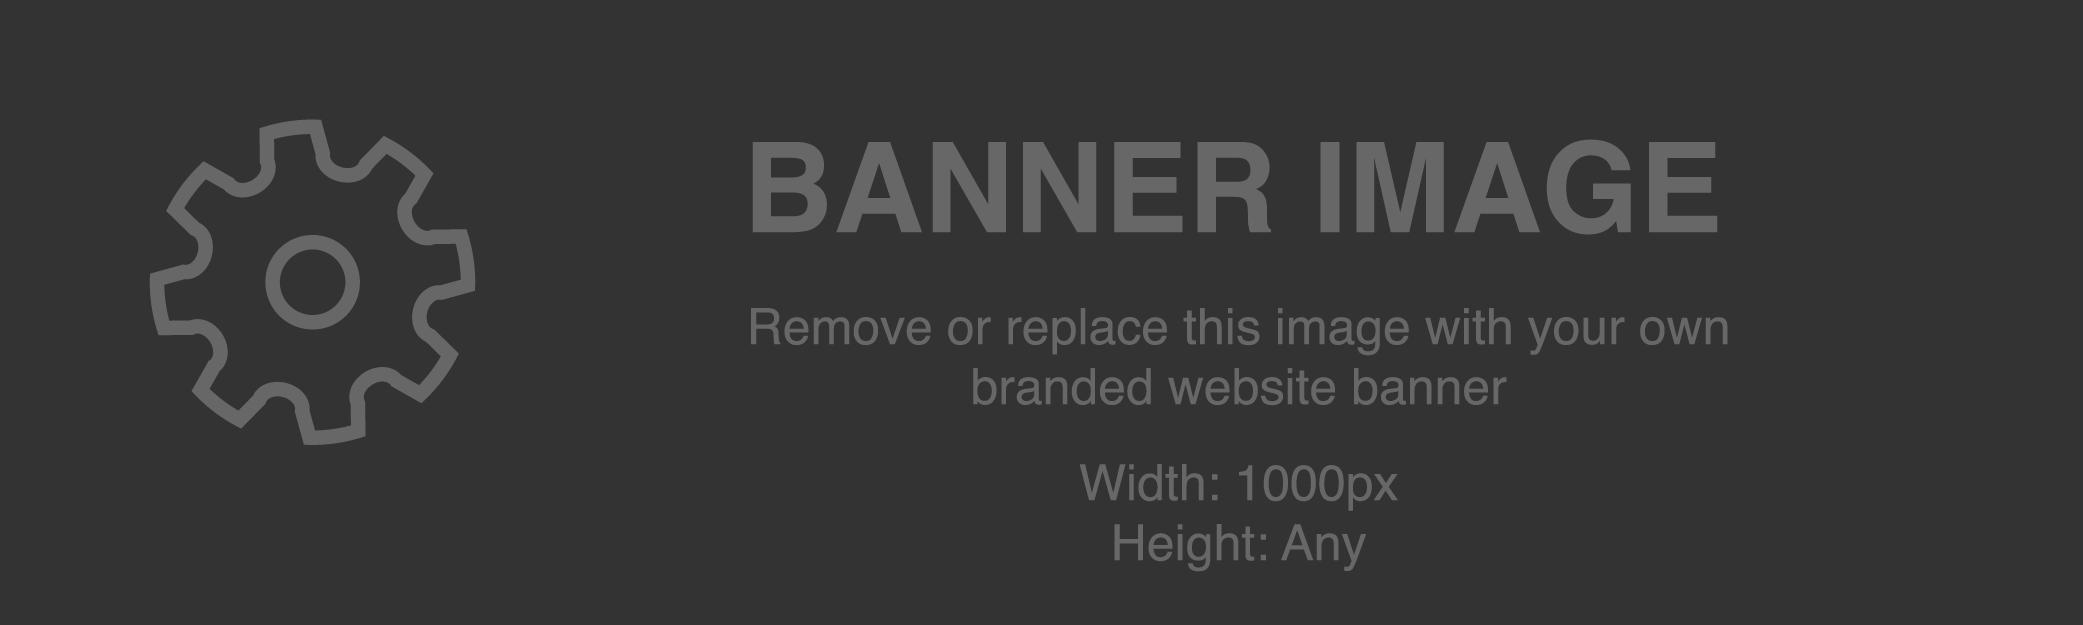 Diy banner